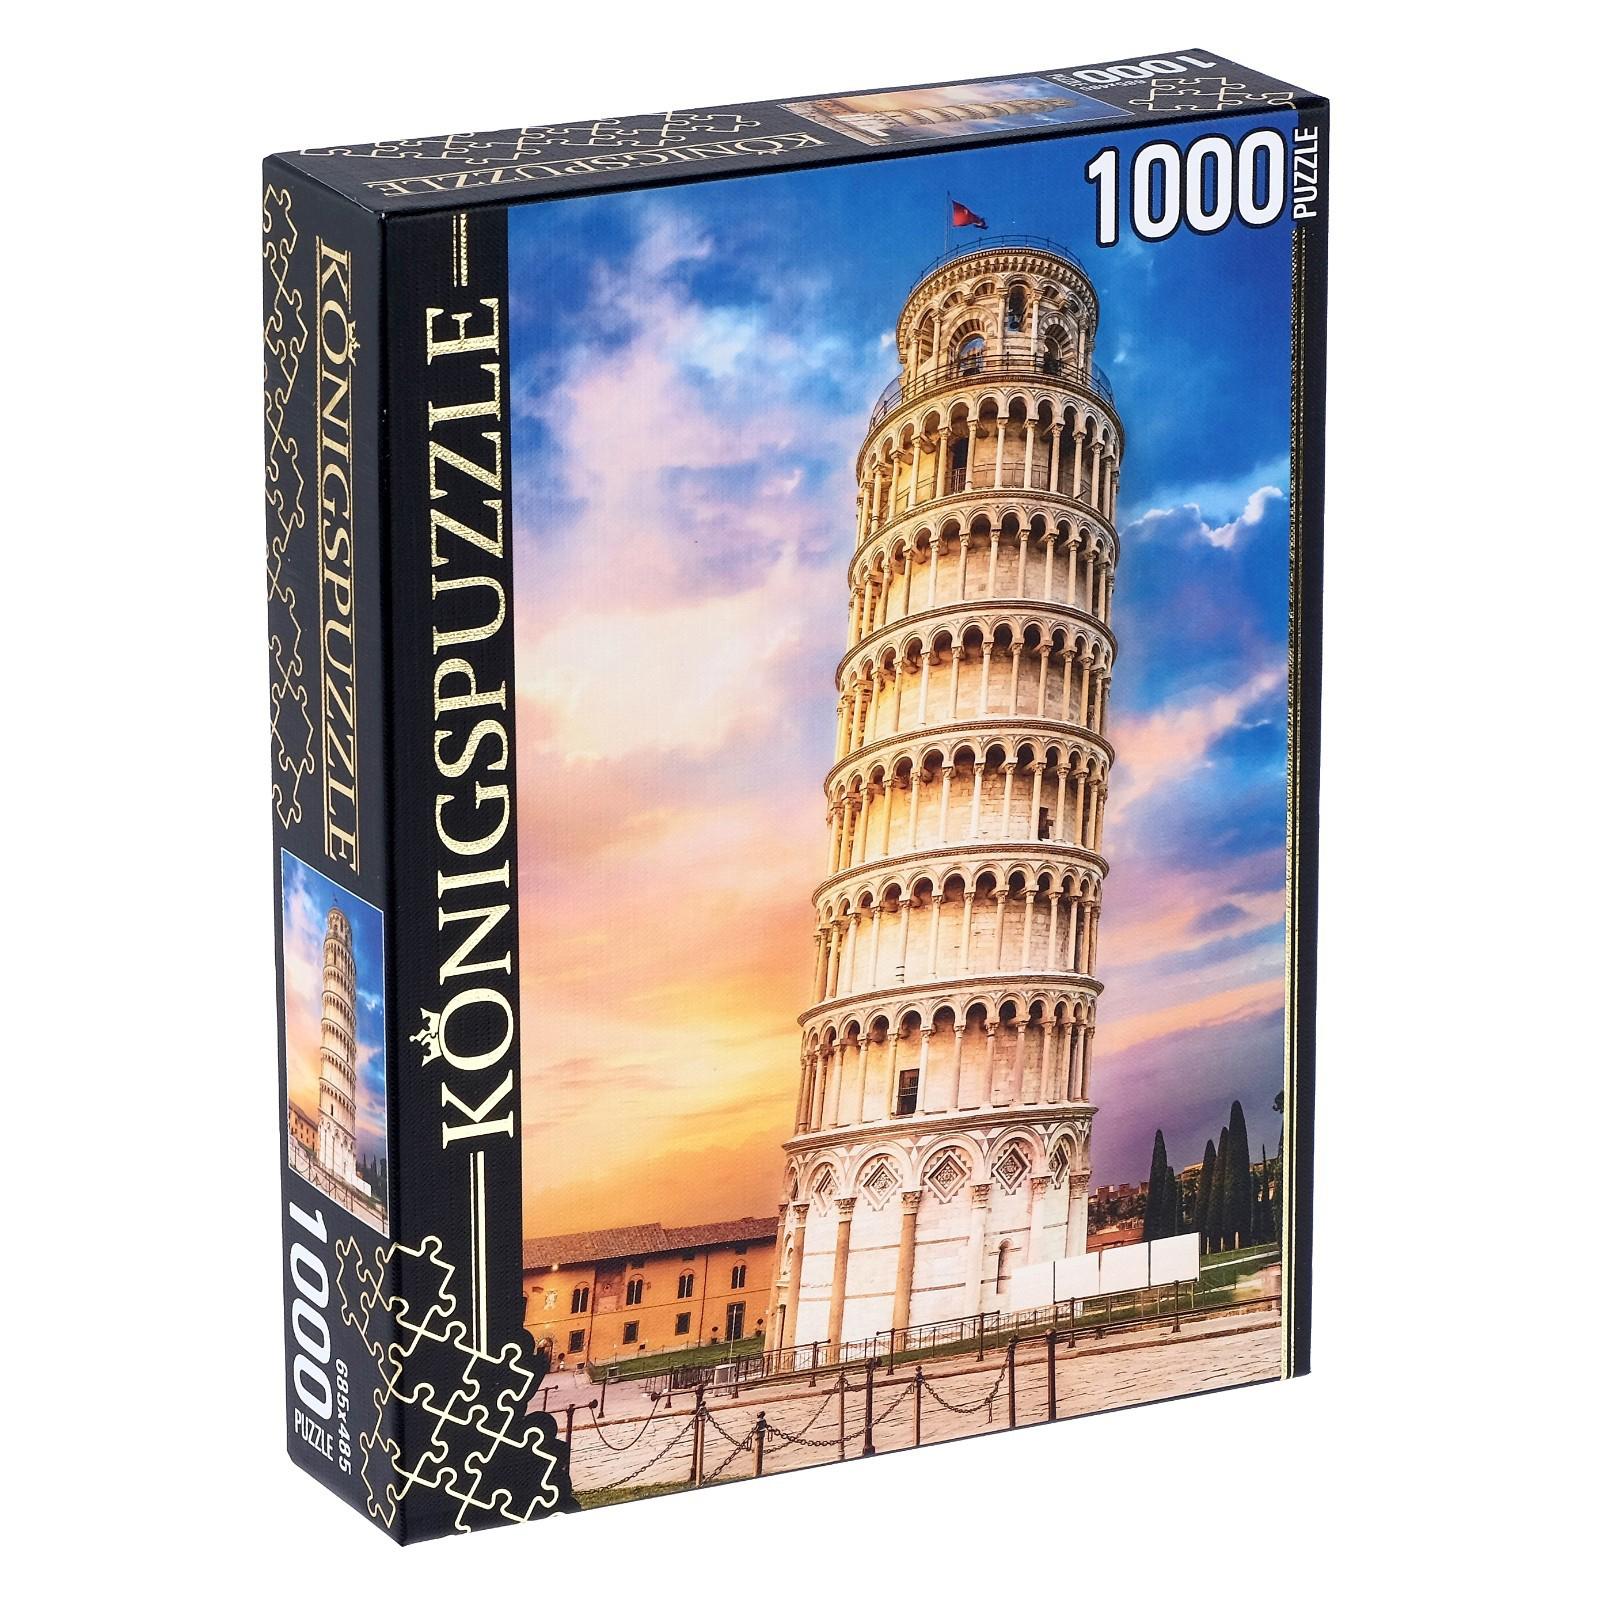 Купить Пазлы Konigspuzzle. Италия. Пизанская башня, 1000 элементов ГИК1000-8228, Königspuzzle